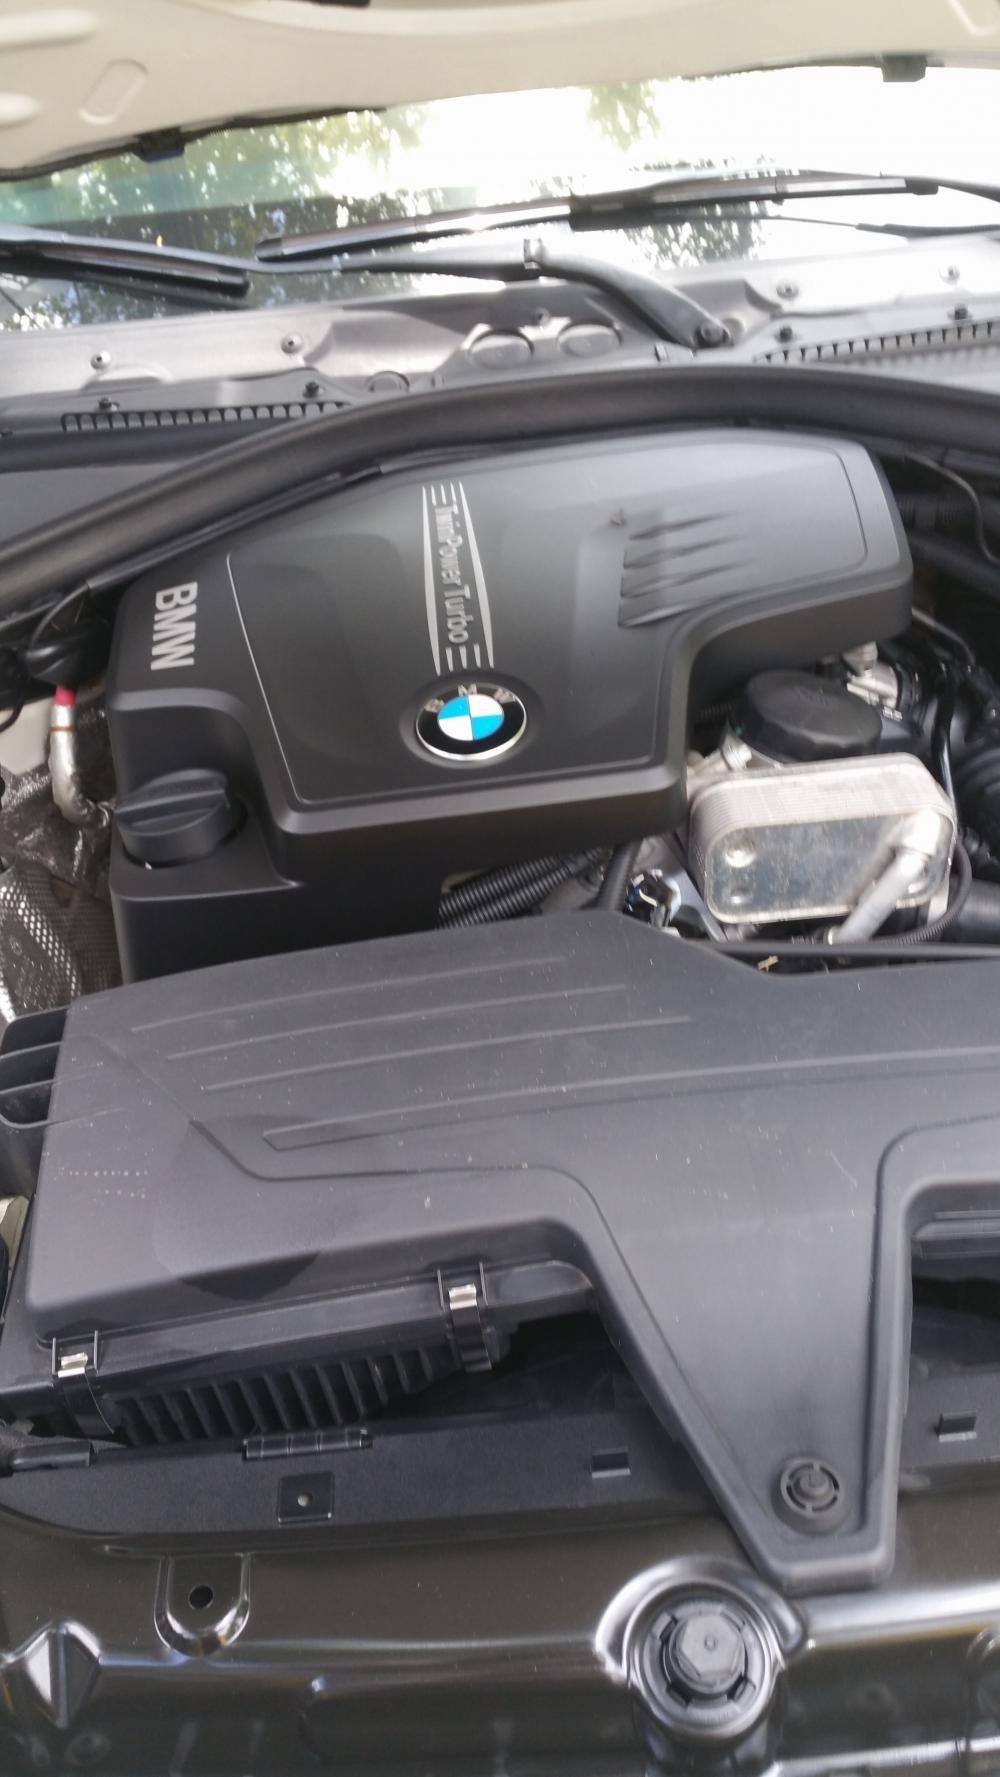 Bán xe BMW 3 Series 320i năm 2013, màu trắng, nhập khẩu nguyên chiếc còn mới-2